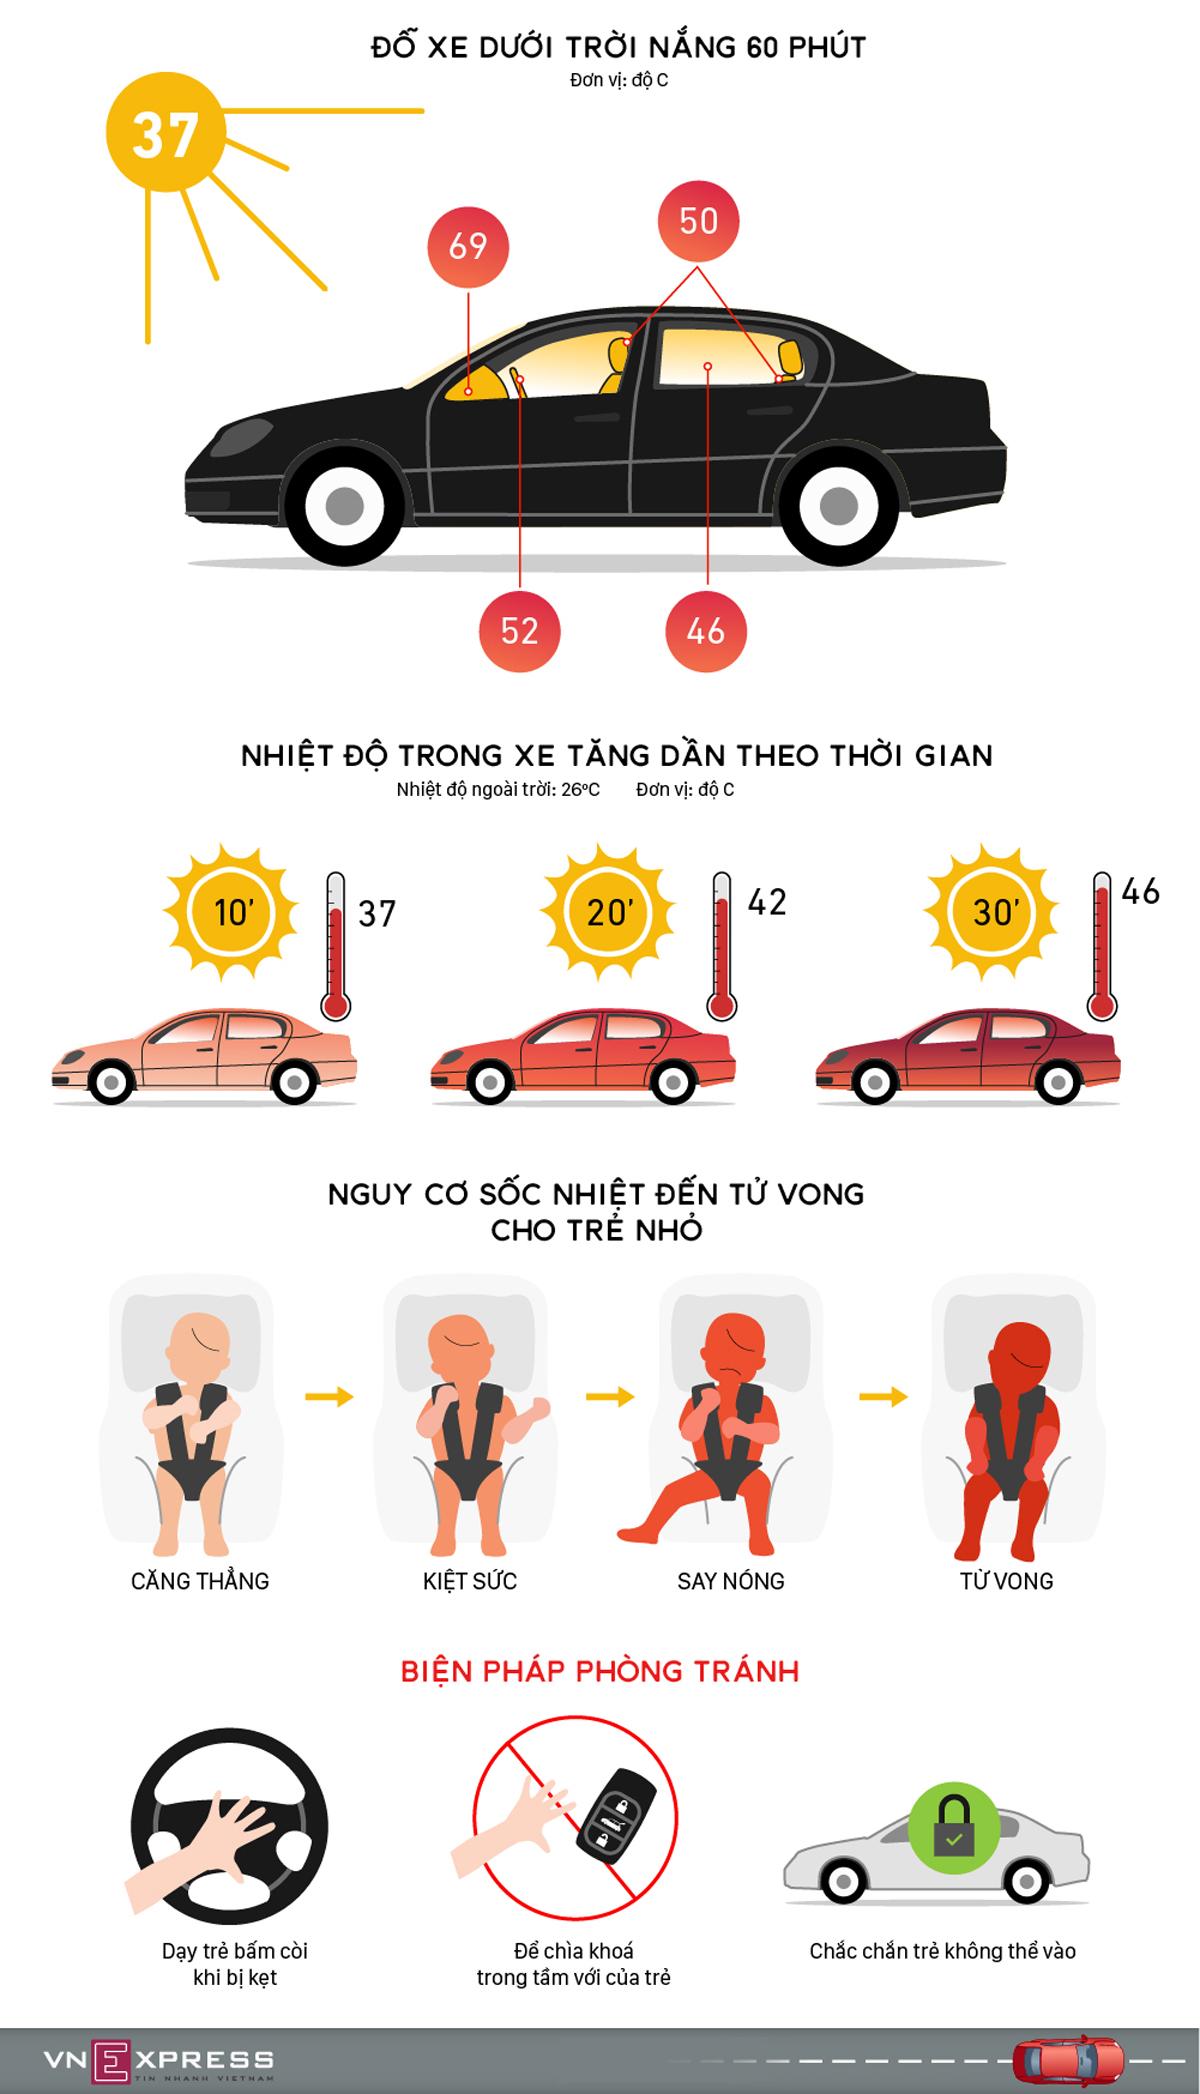 trẻ sốc nhiệt, sốc nhiệt, ô tô, nắng nóng